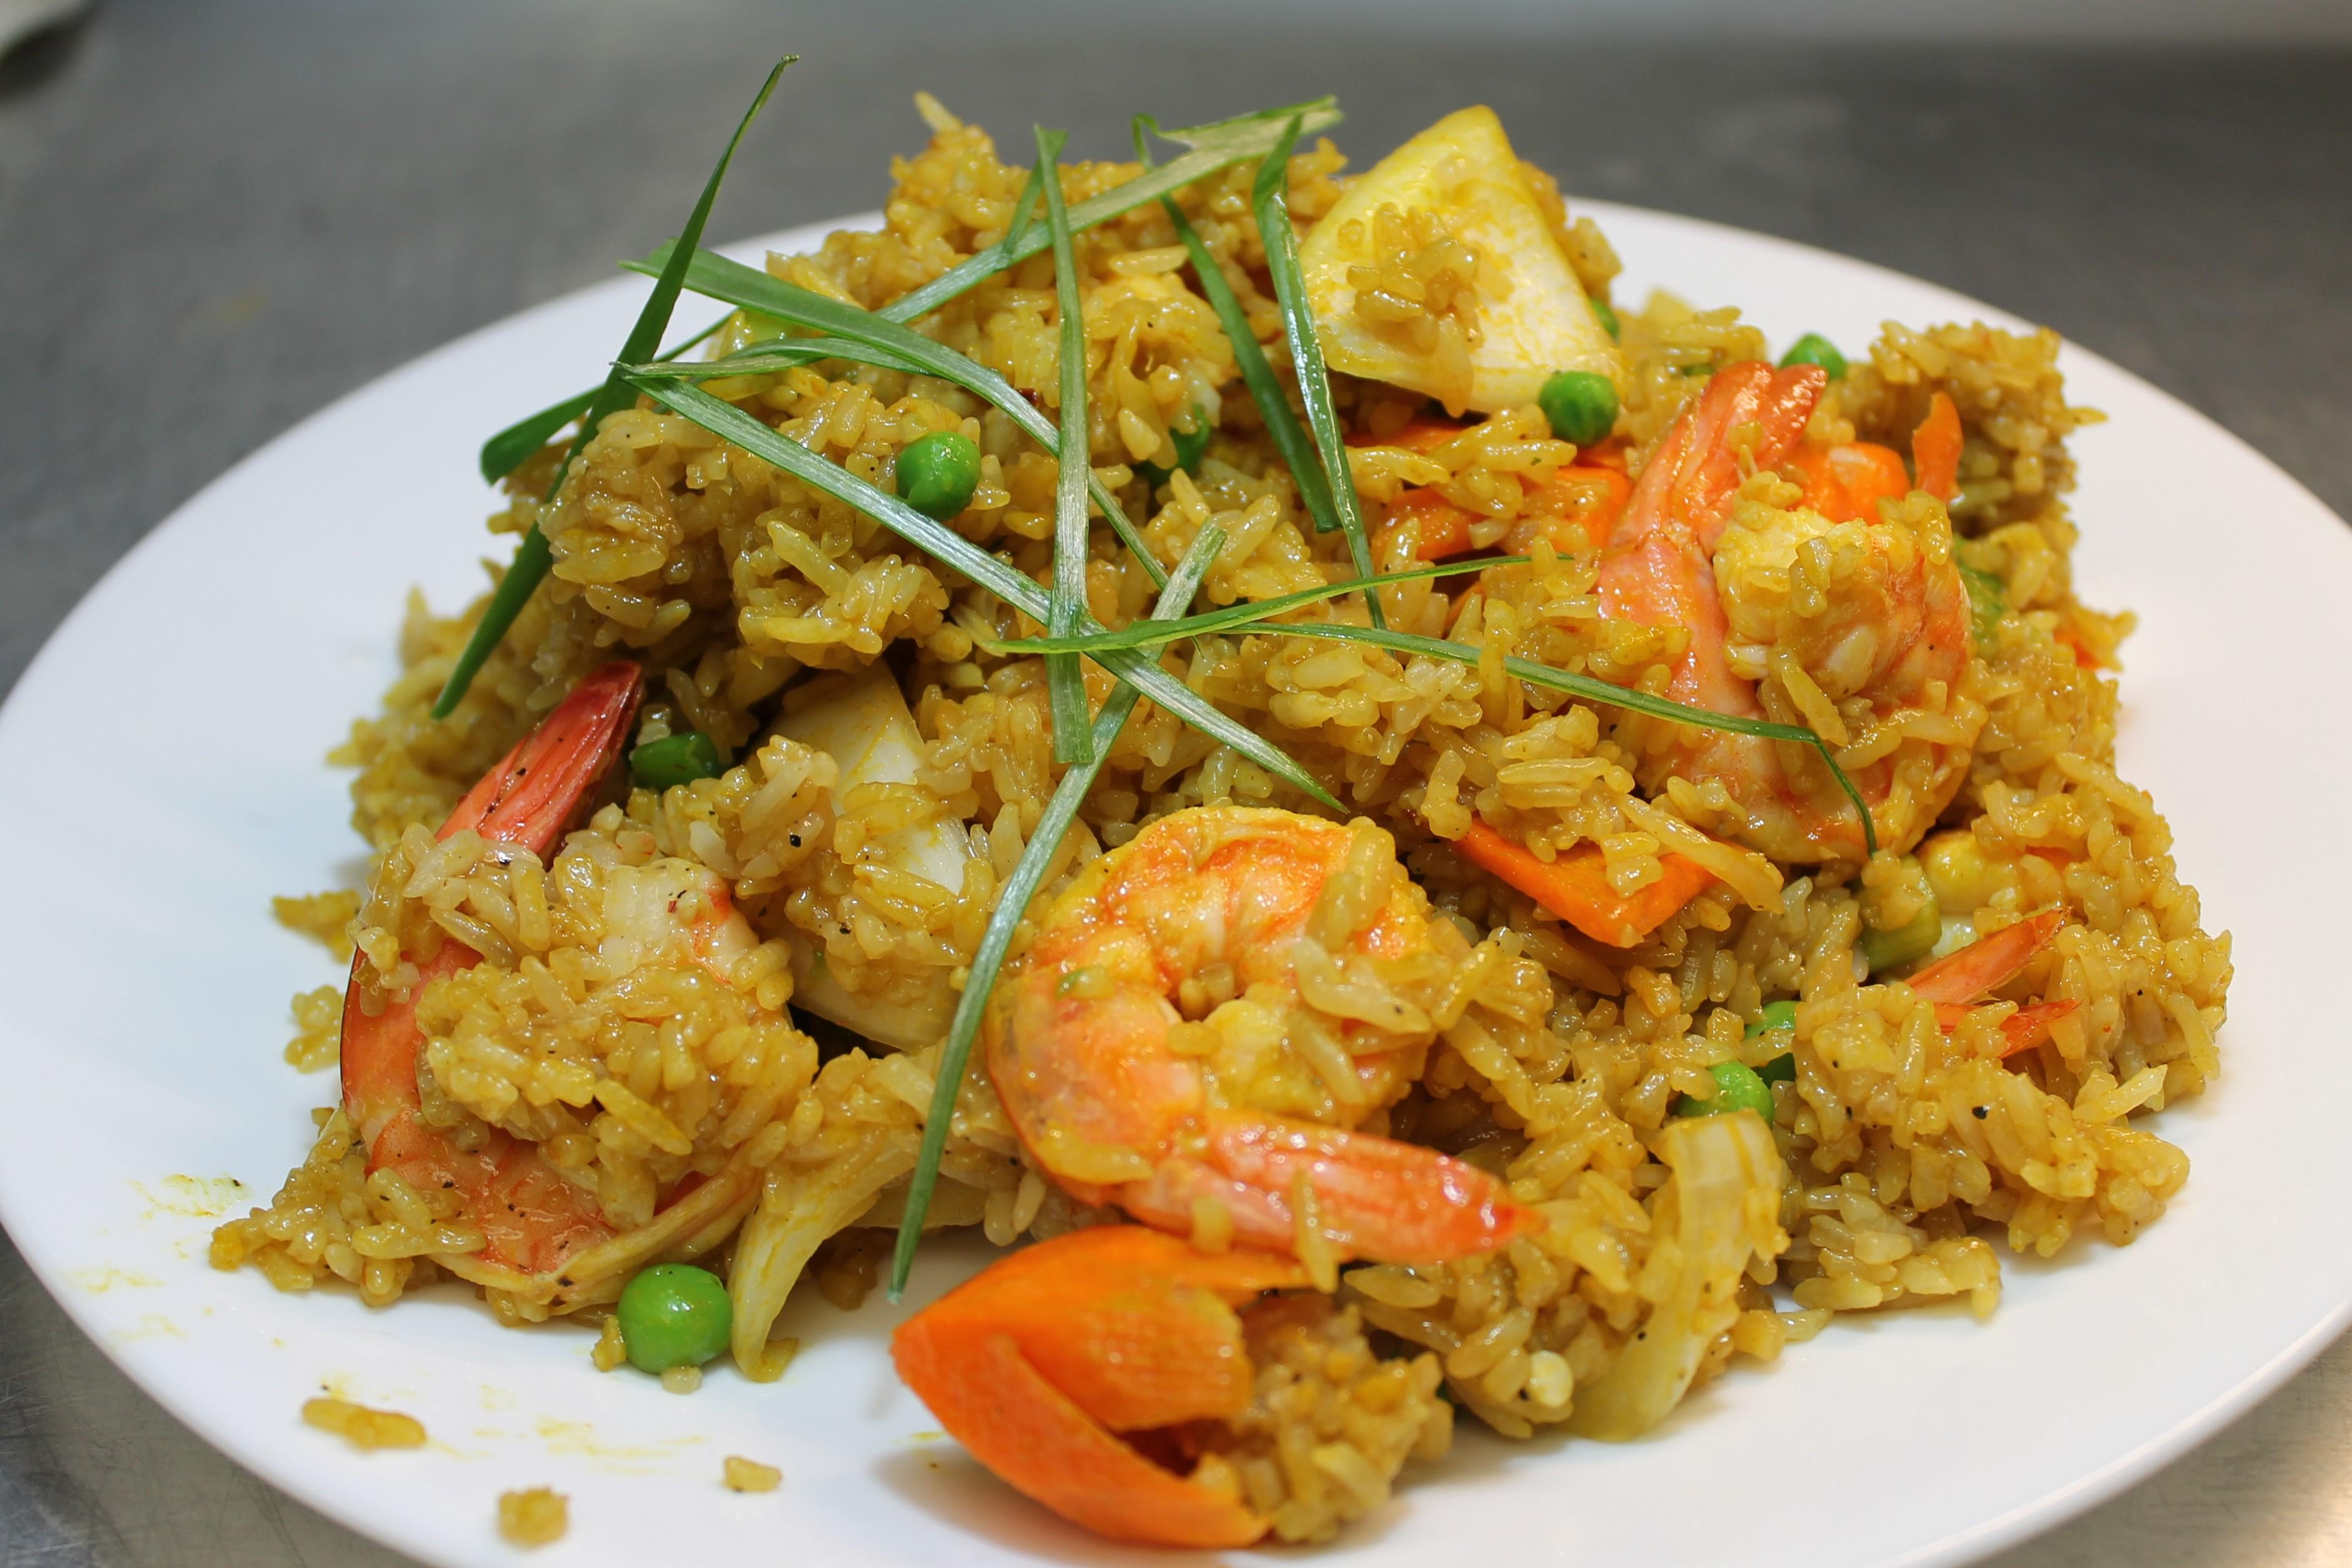 Best Thai Restaurant In Roseville Mn